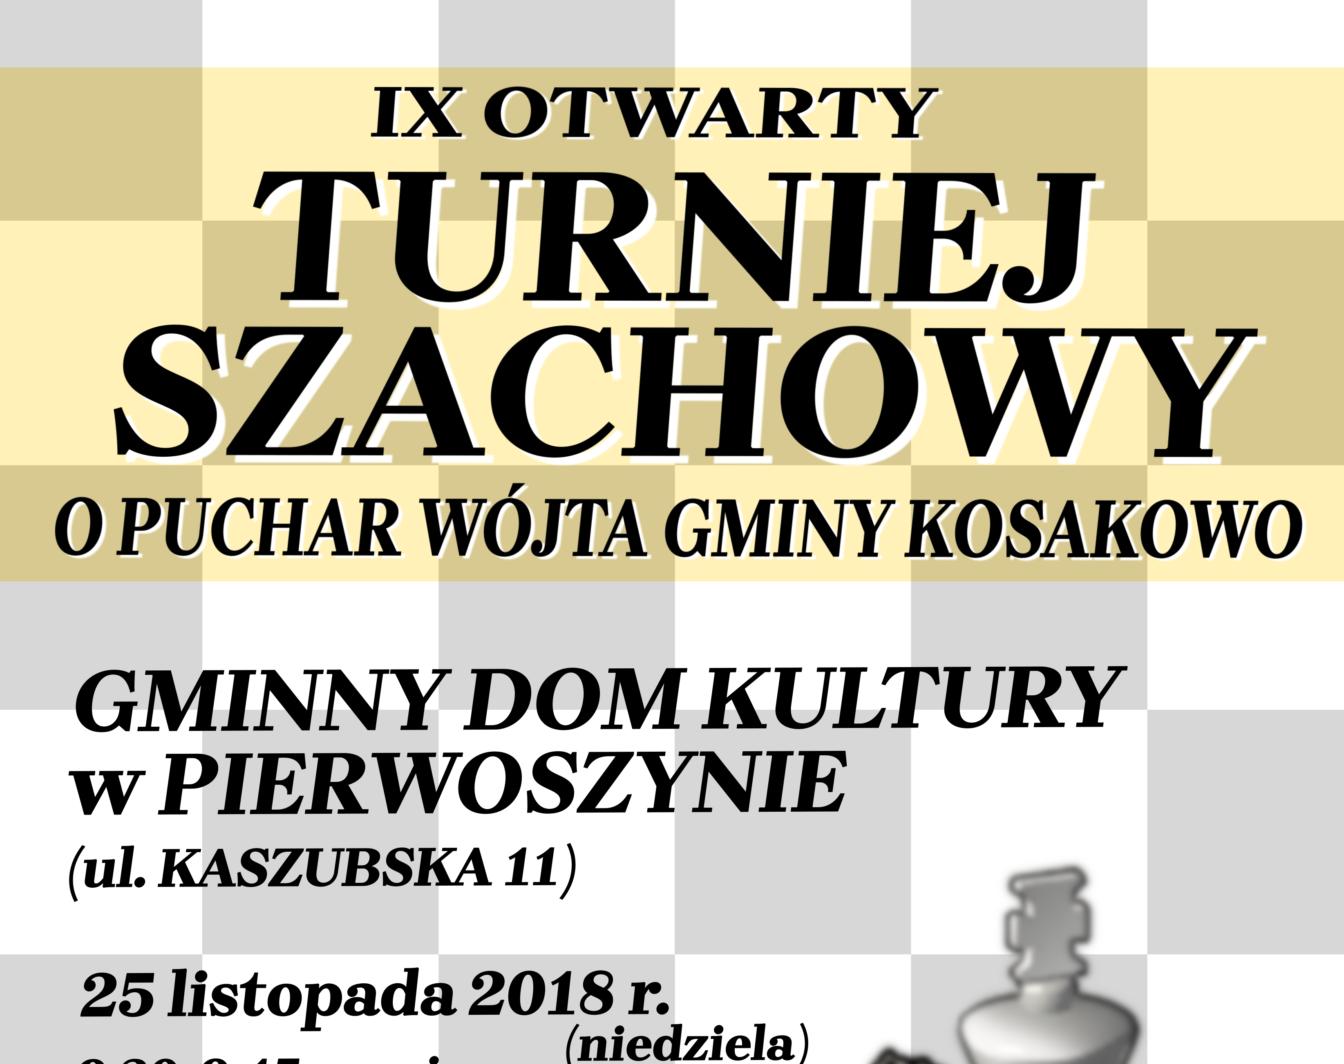 IX Otwarty Turniej Szachowy o Puchar Wójta Gminy Kosakowo